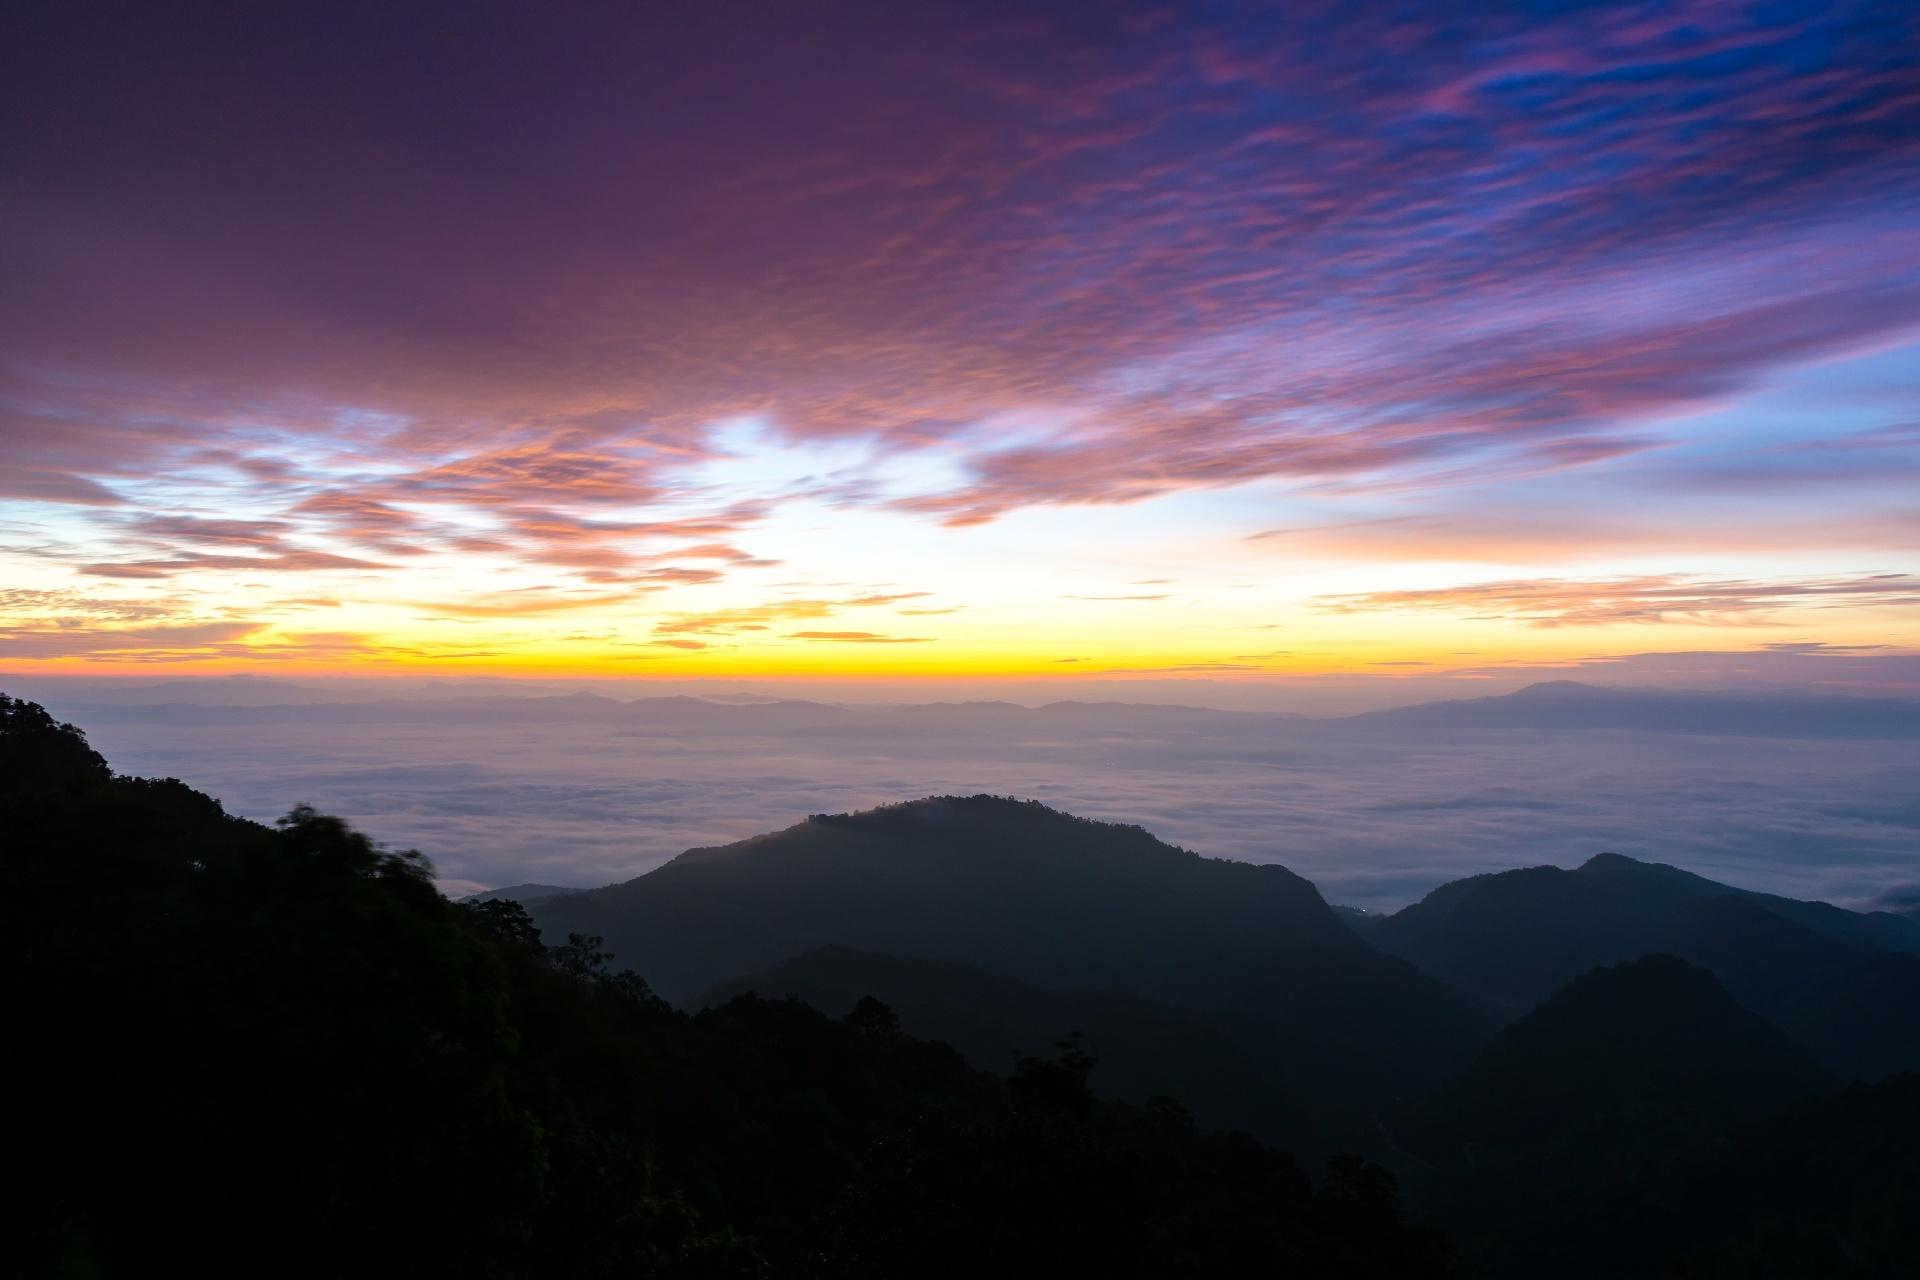 夜明けの風景 タイの風景